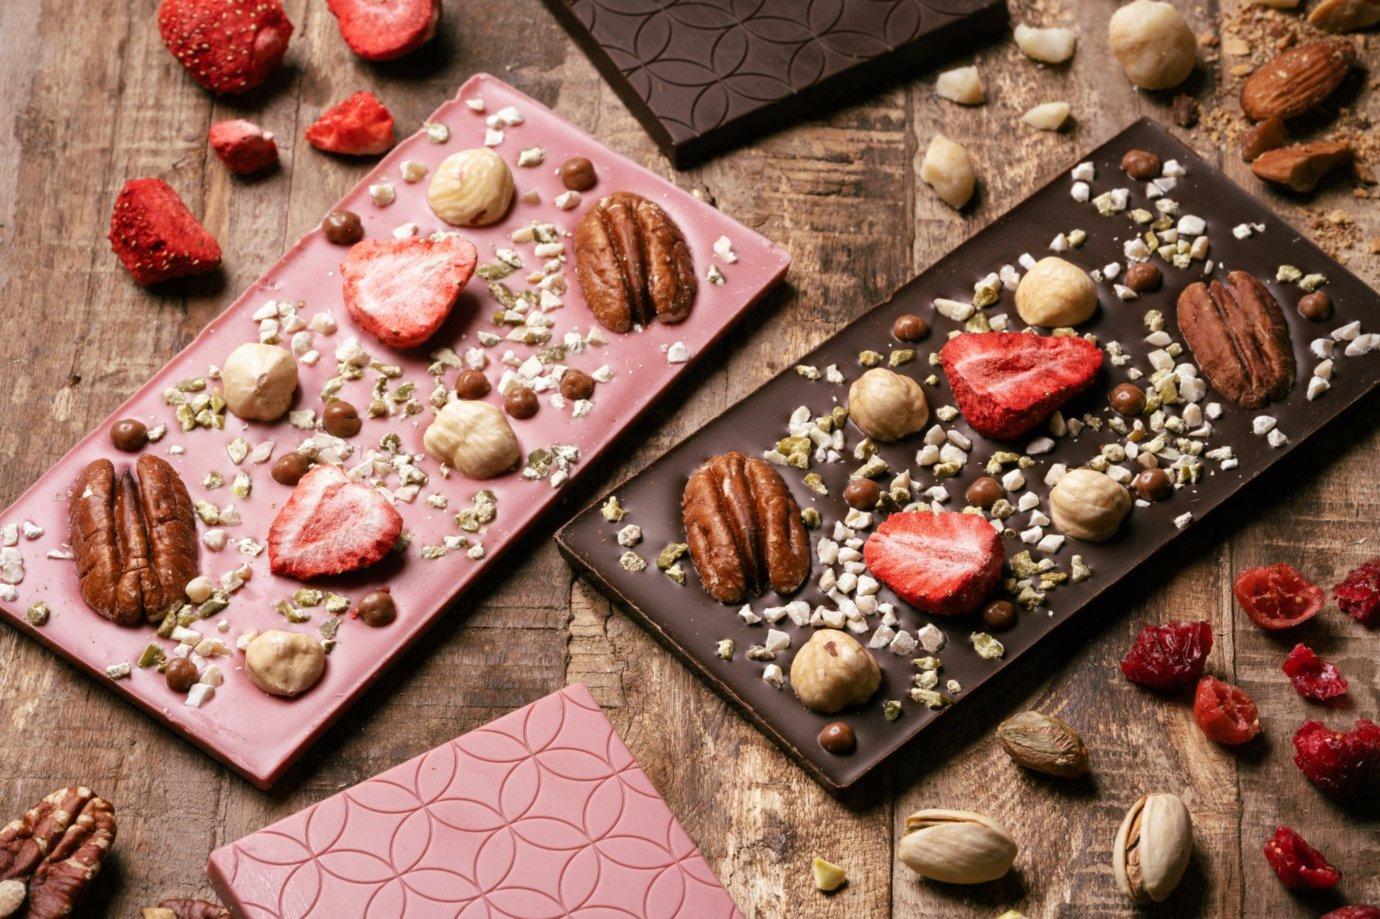 チョコレートを「もったいない」から救おう! イベント「地球とお財布に優しいお買い物」